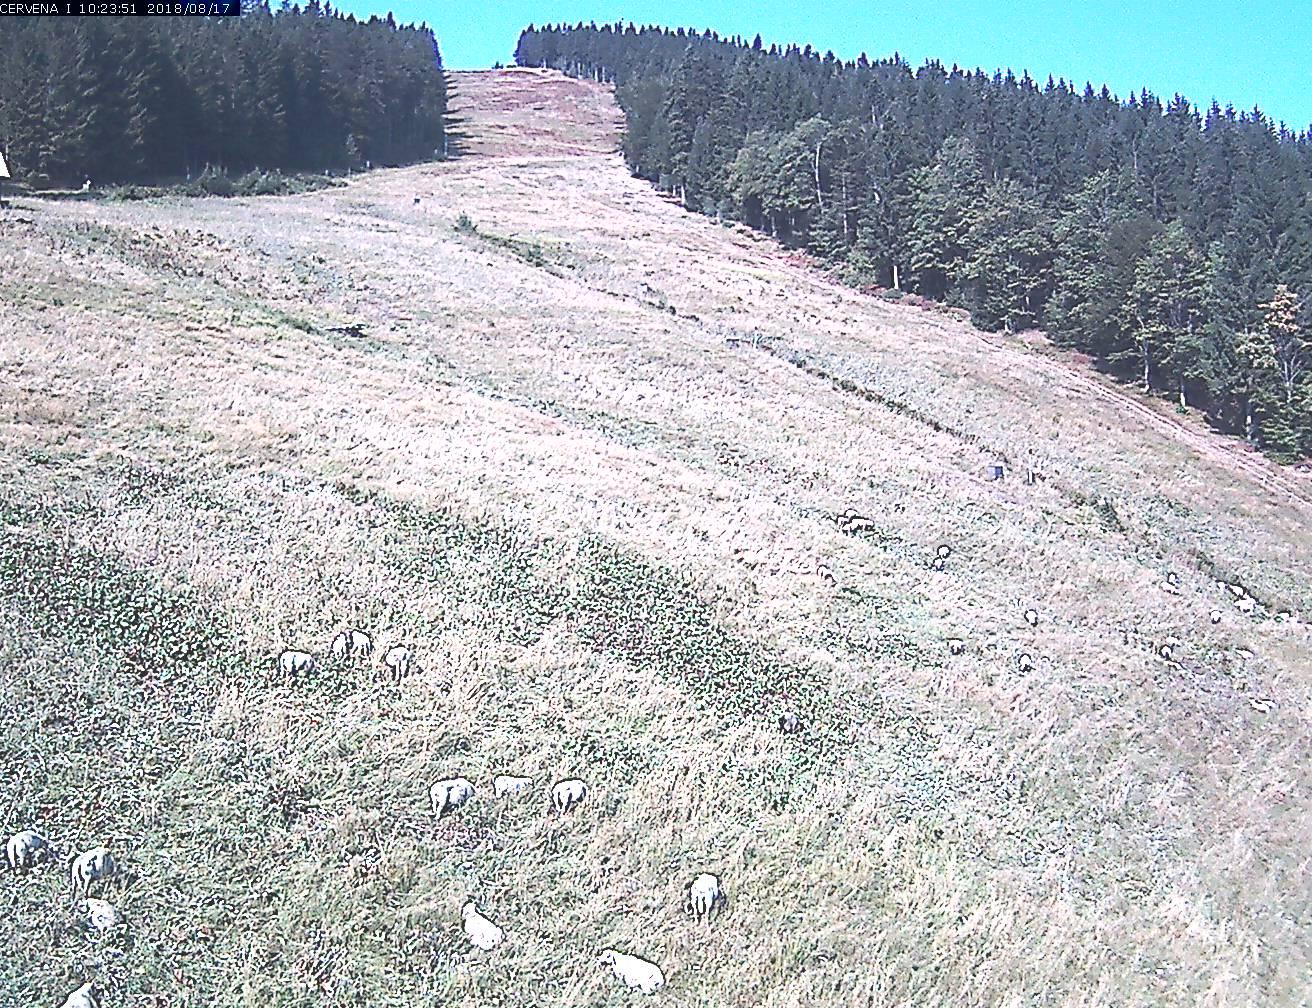 Webkamera Sjezdovka Červená I